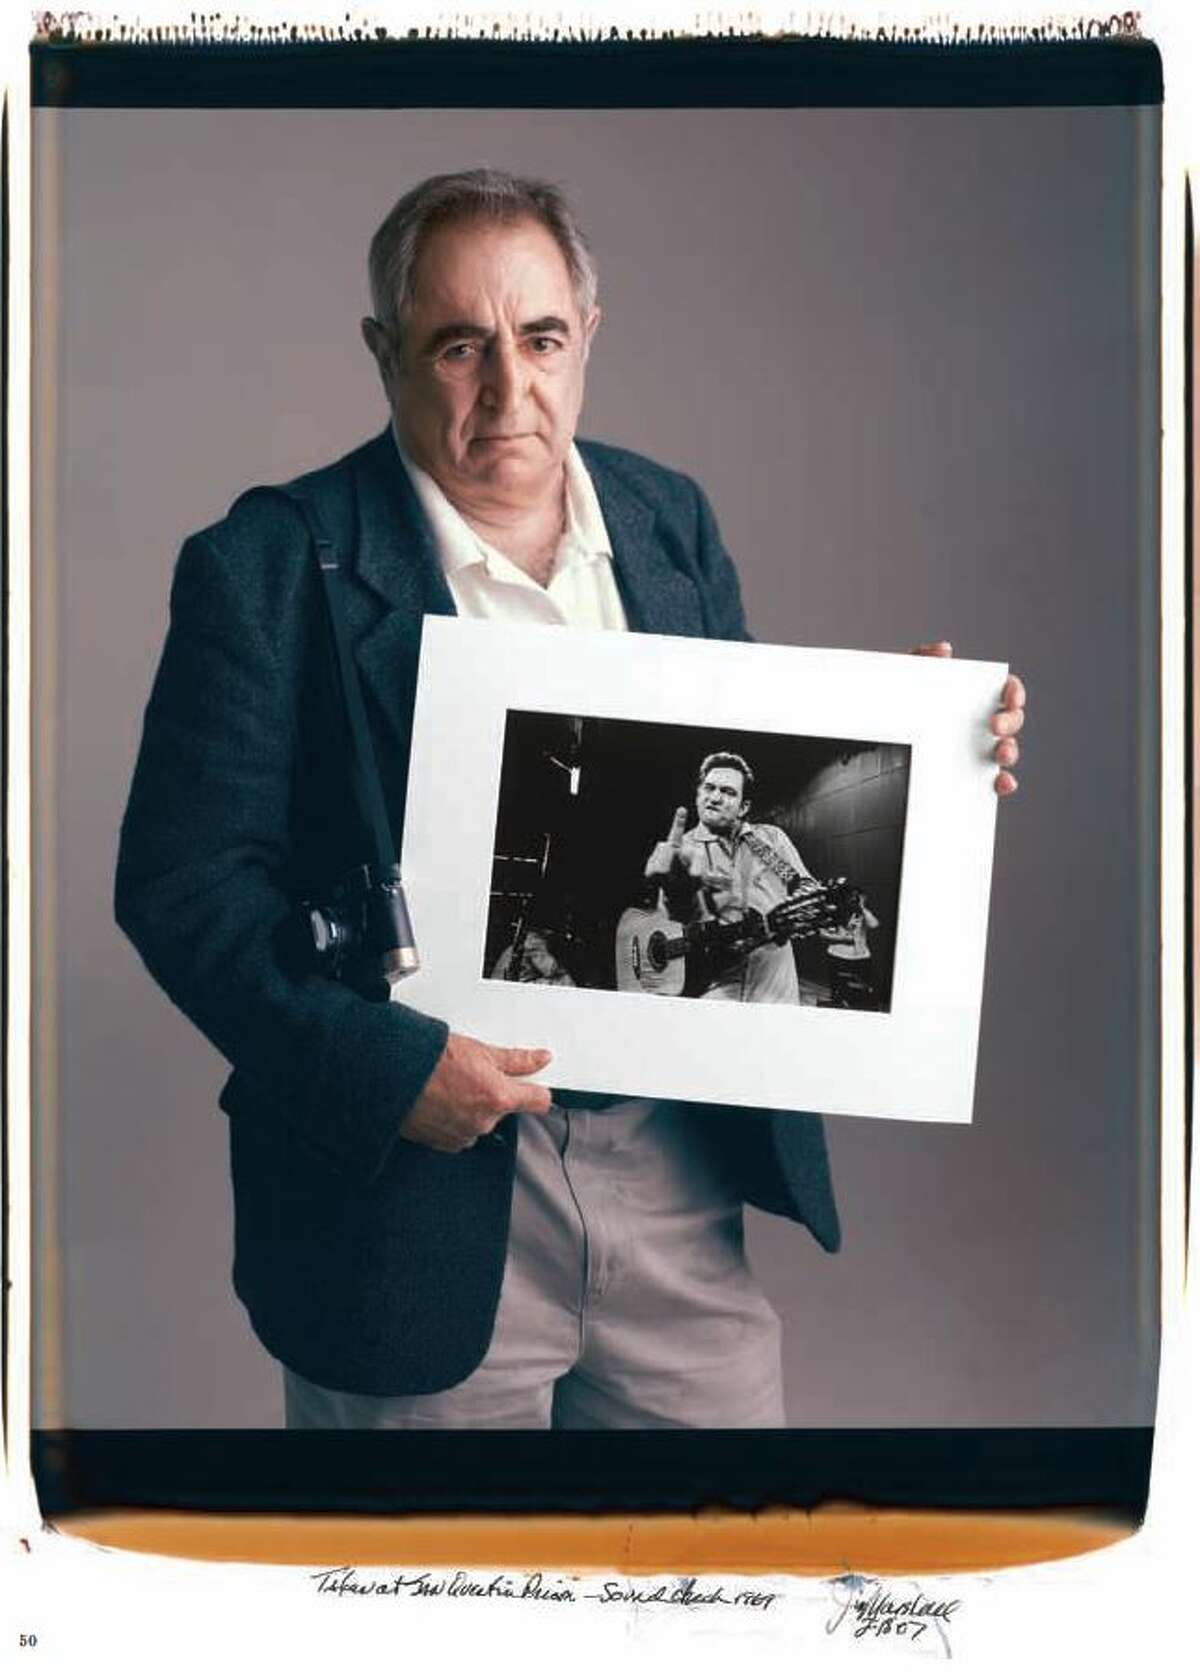 Jim Marshall (1936 - 2010)